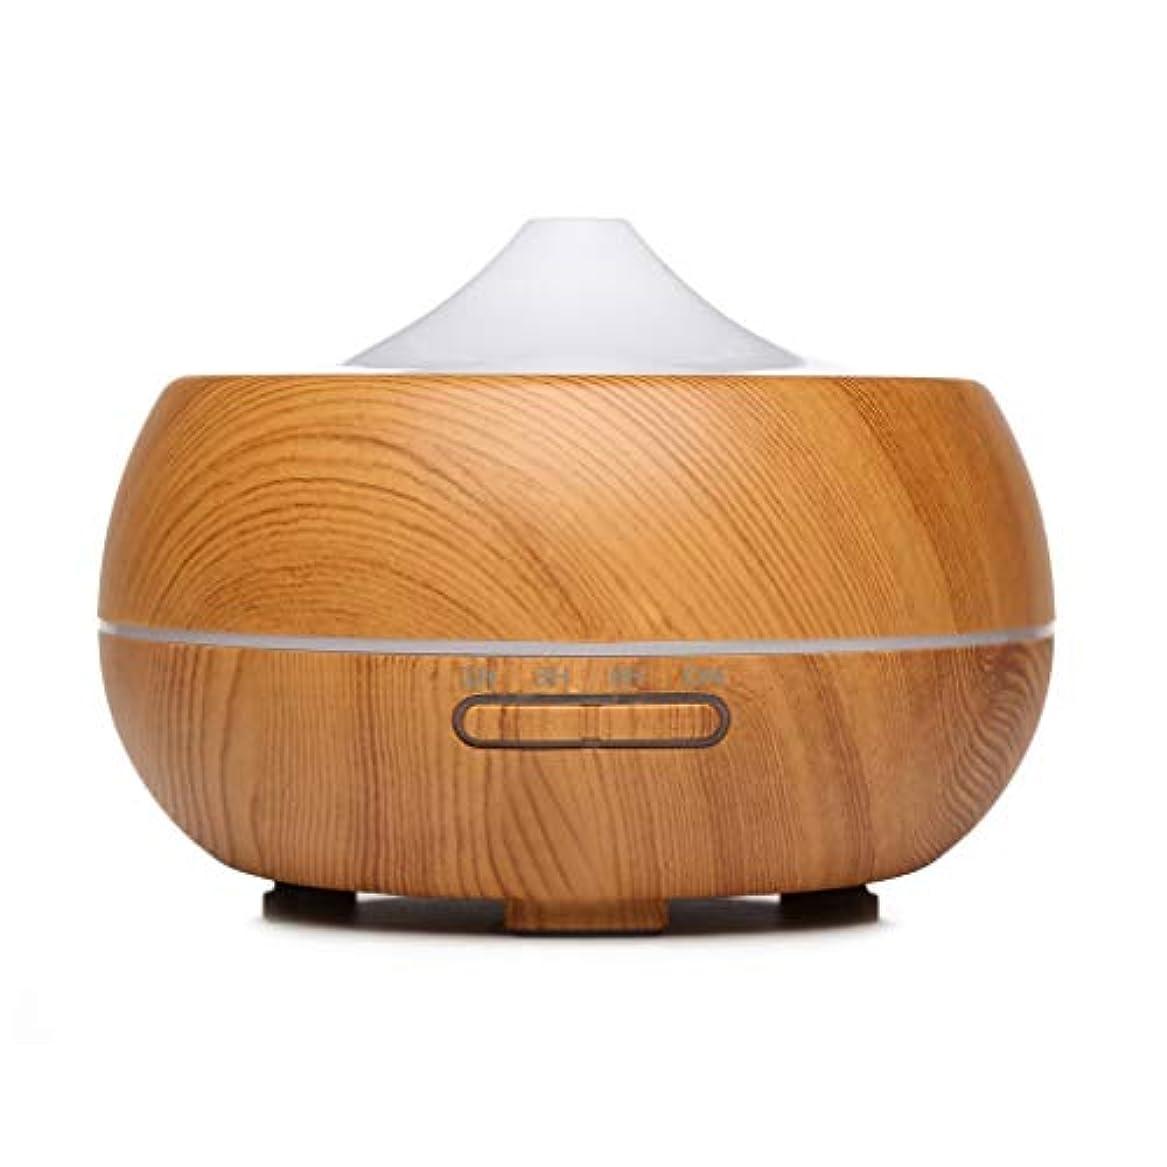 頻繁に過剰欲望300ミリリットルクールミスト加湿器超音波不可欠ディフューザー用オフィスホームベッドルームリビングルーム研究ヨガスパ、木目 (Color : Light wood grain)